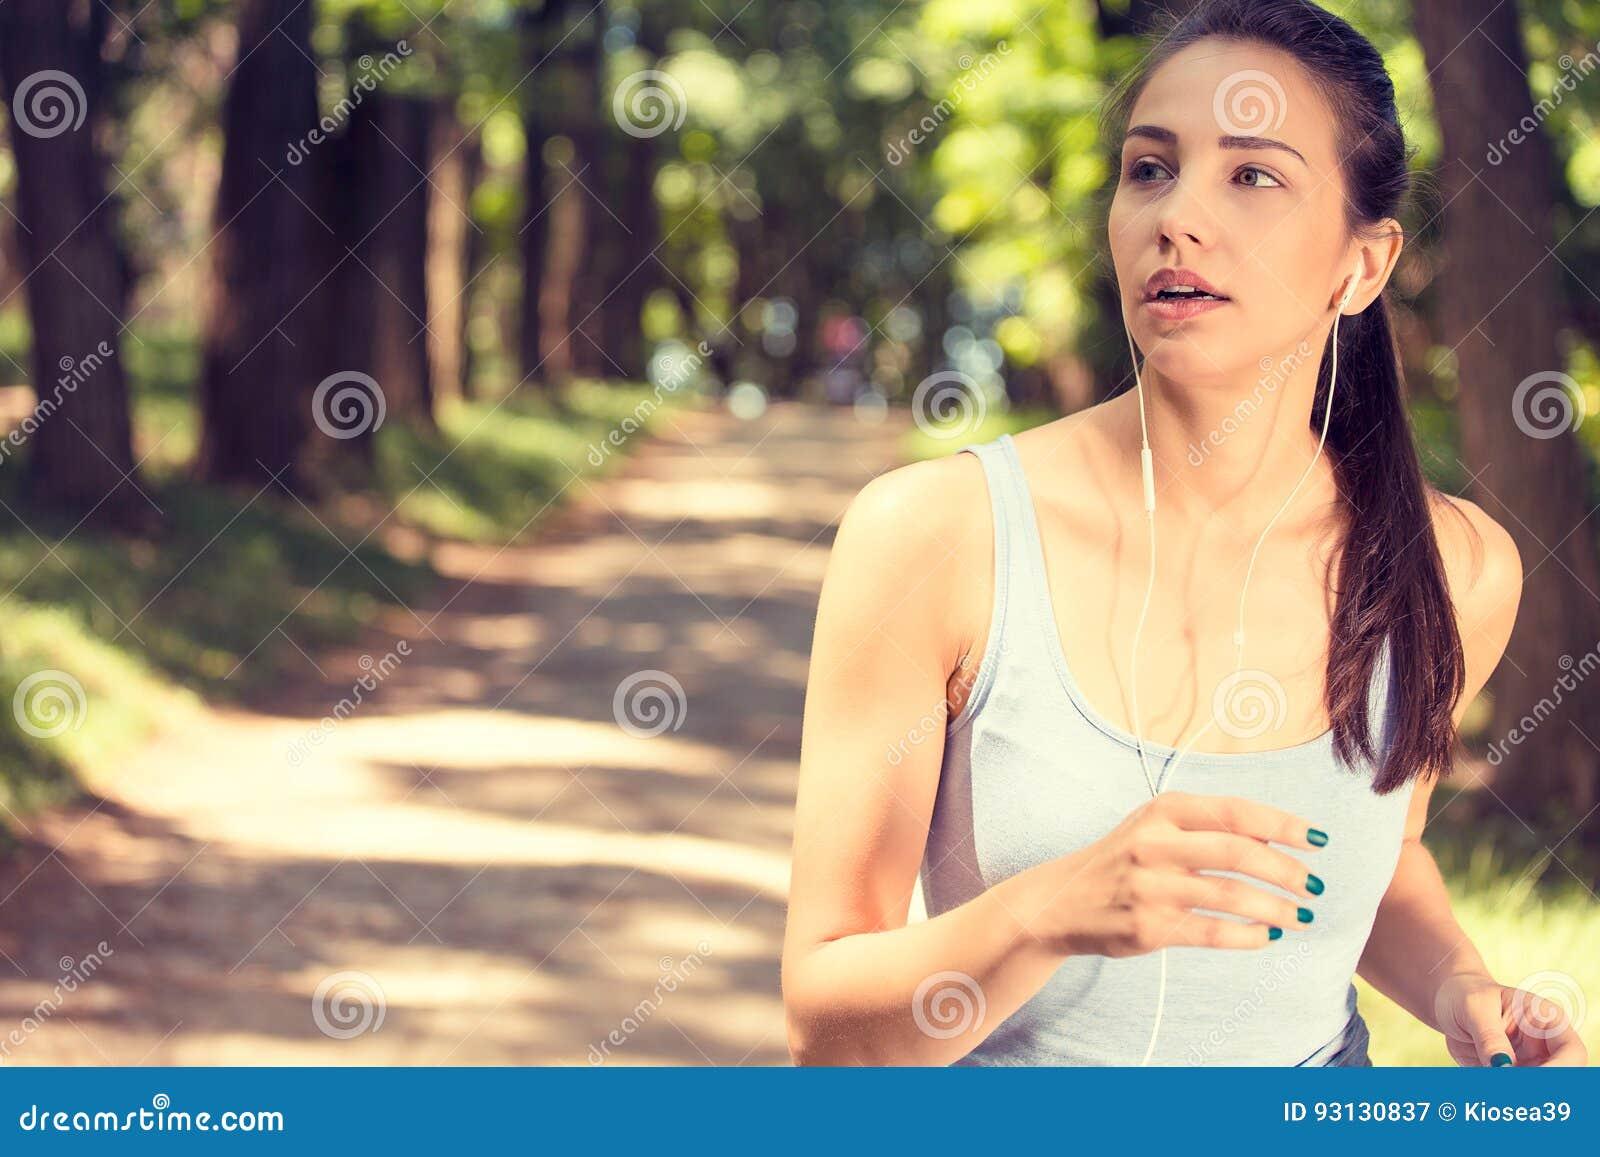 Sportliche Frau, die im Park im Sonnenaufganglicht rüttelt